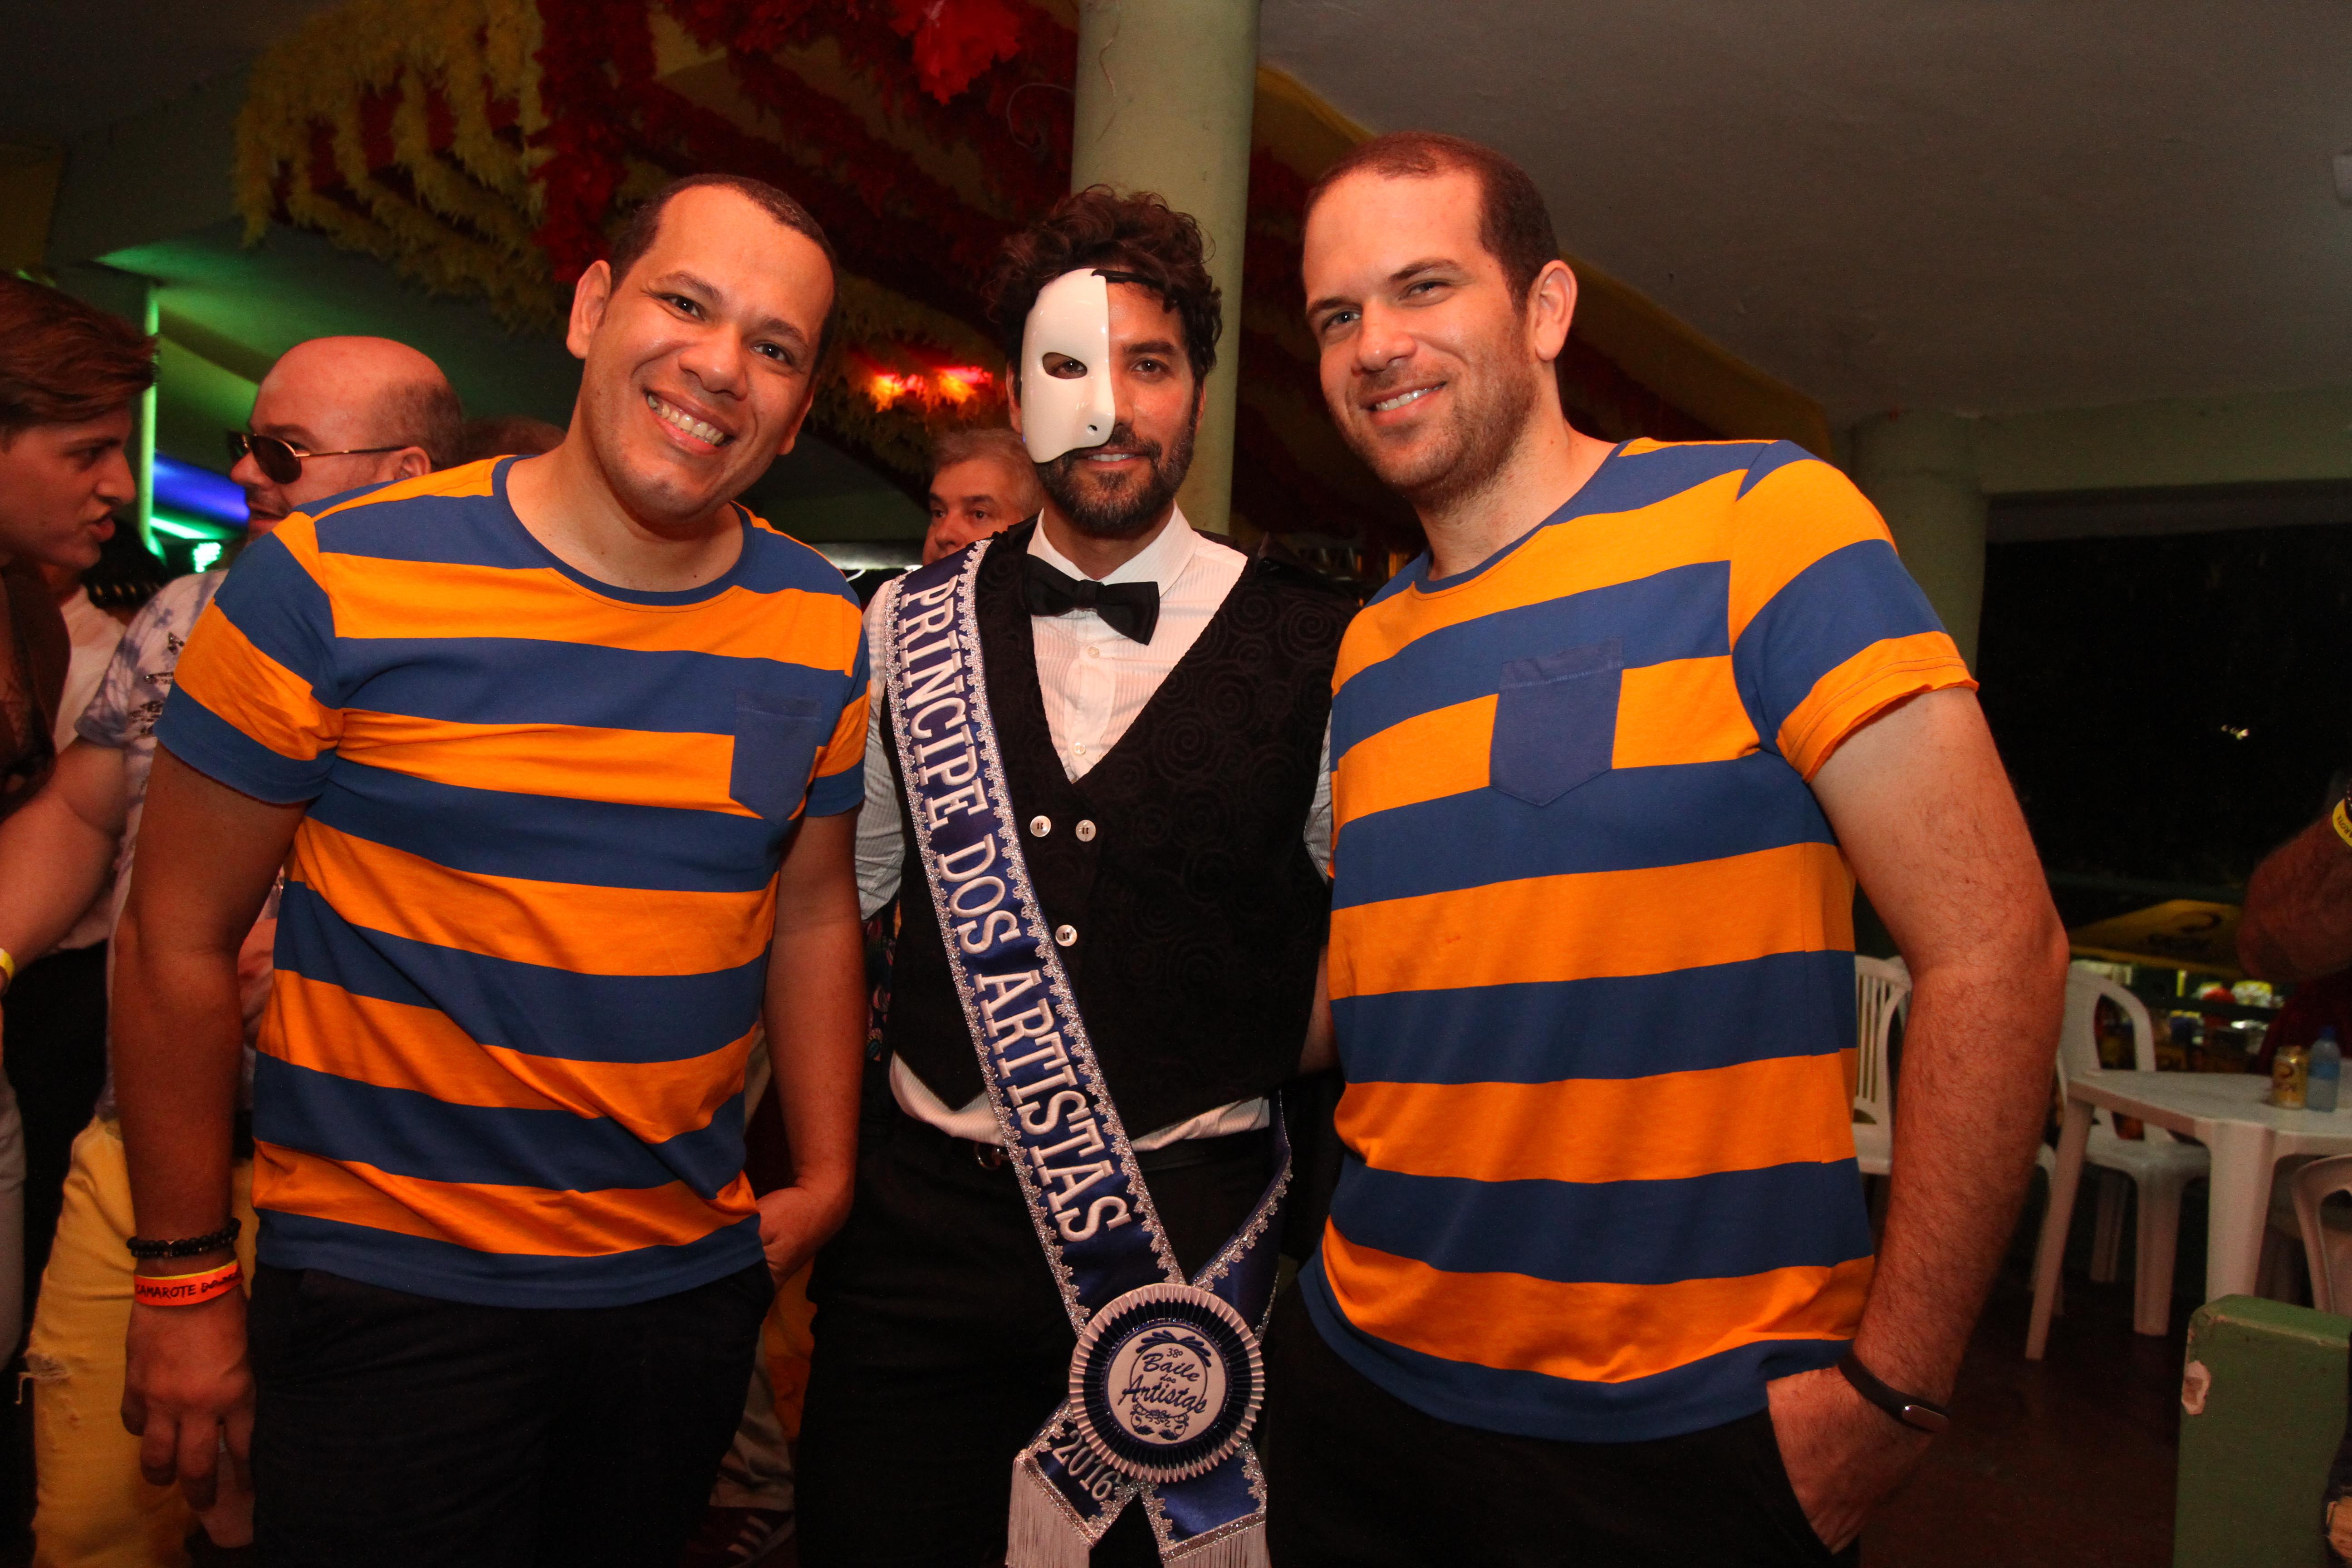 Saulo Barros , Andre Caricio e Pedro Jorge - Crédito: Nando Chiappetta/DP